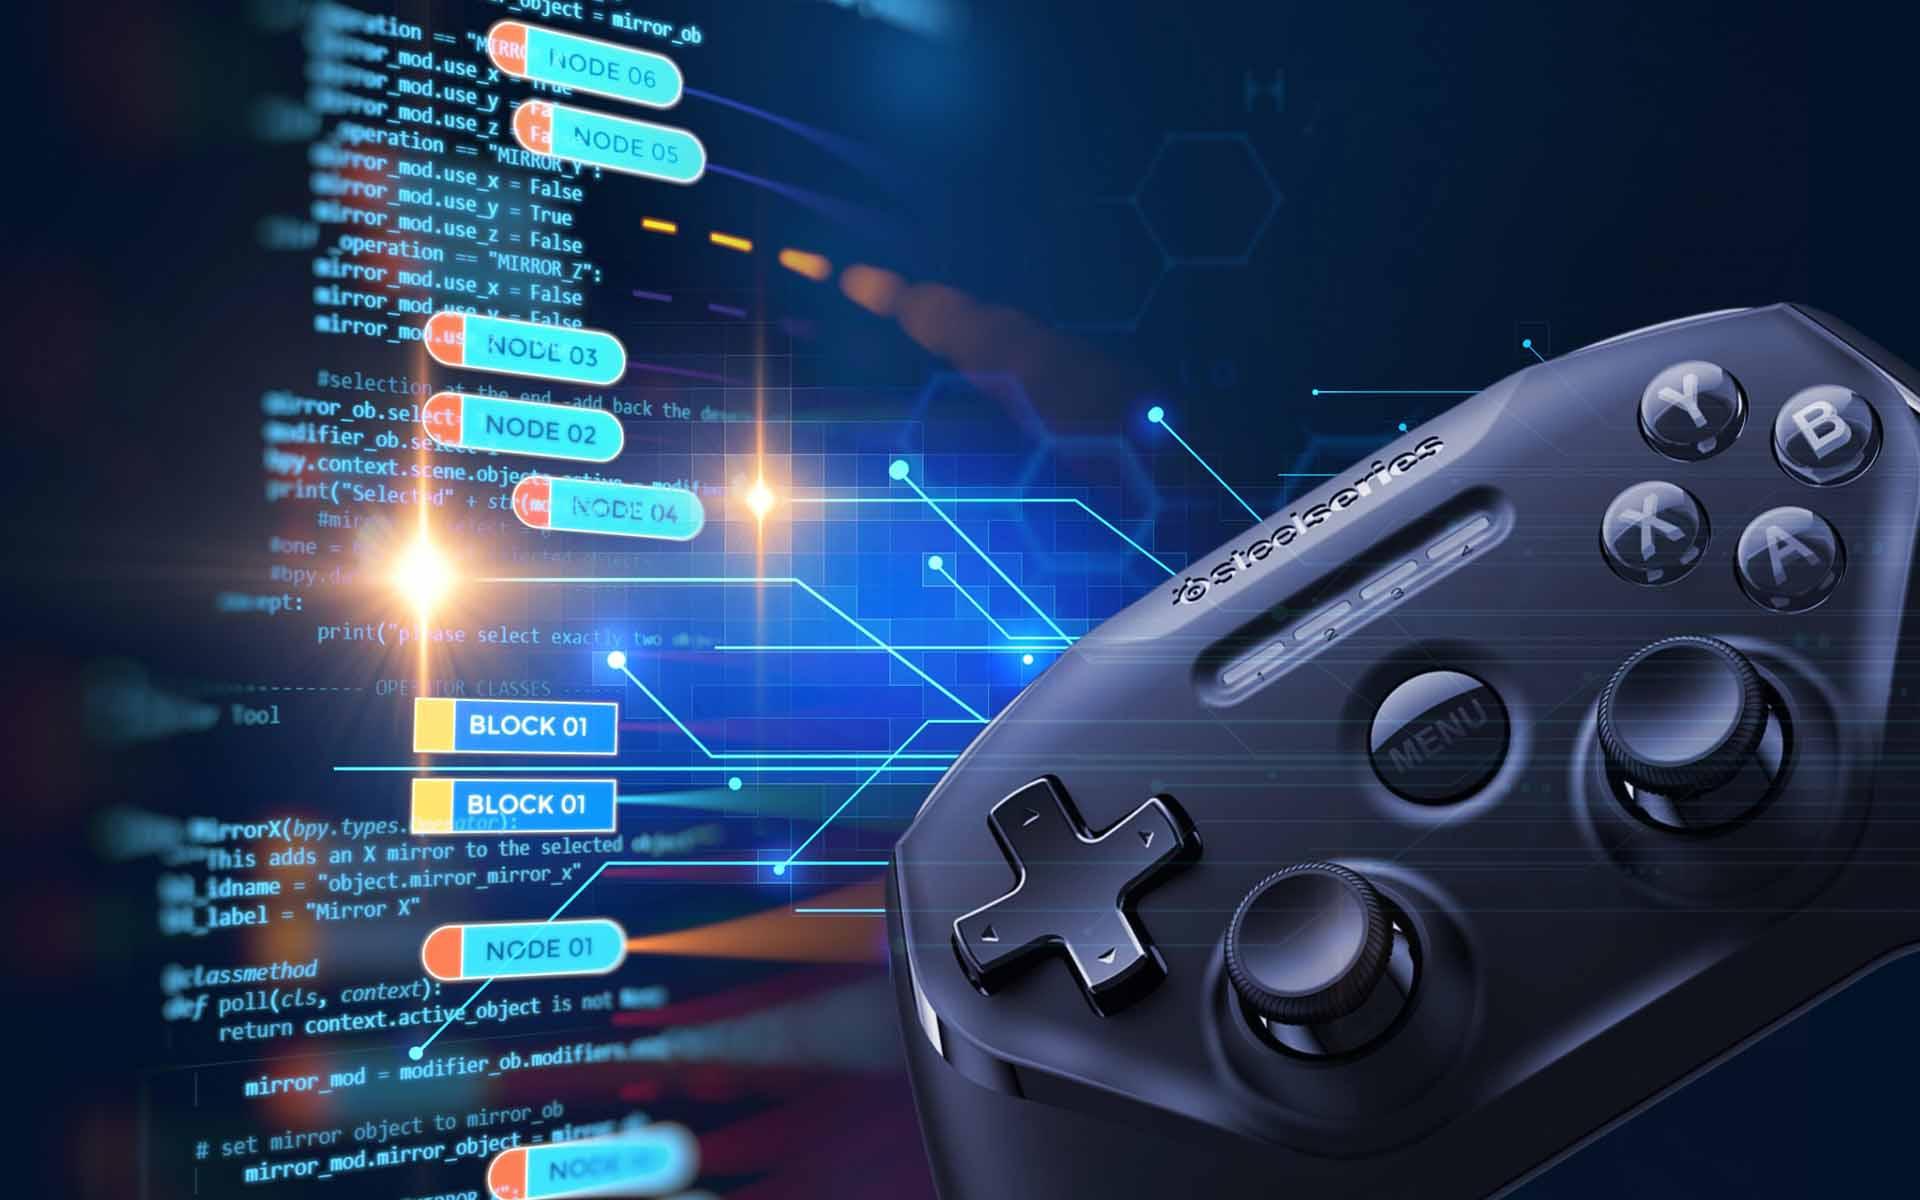 Splinterlands stała się najczęściej wybieraną blockchainową grą